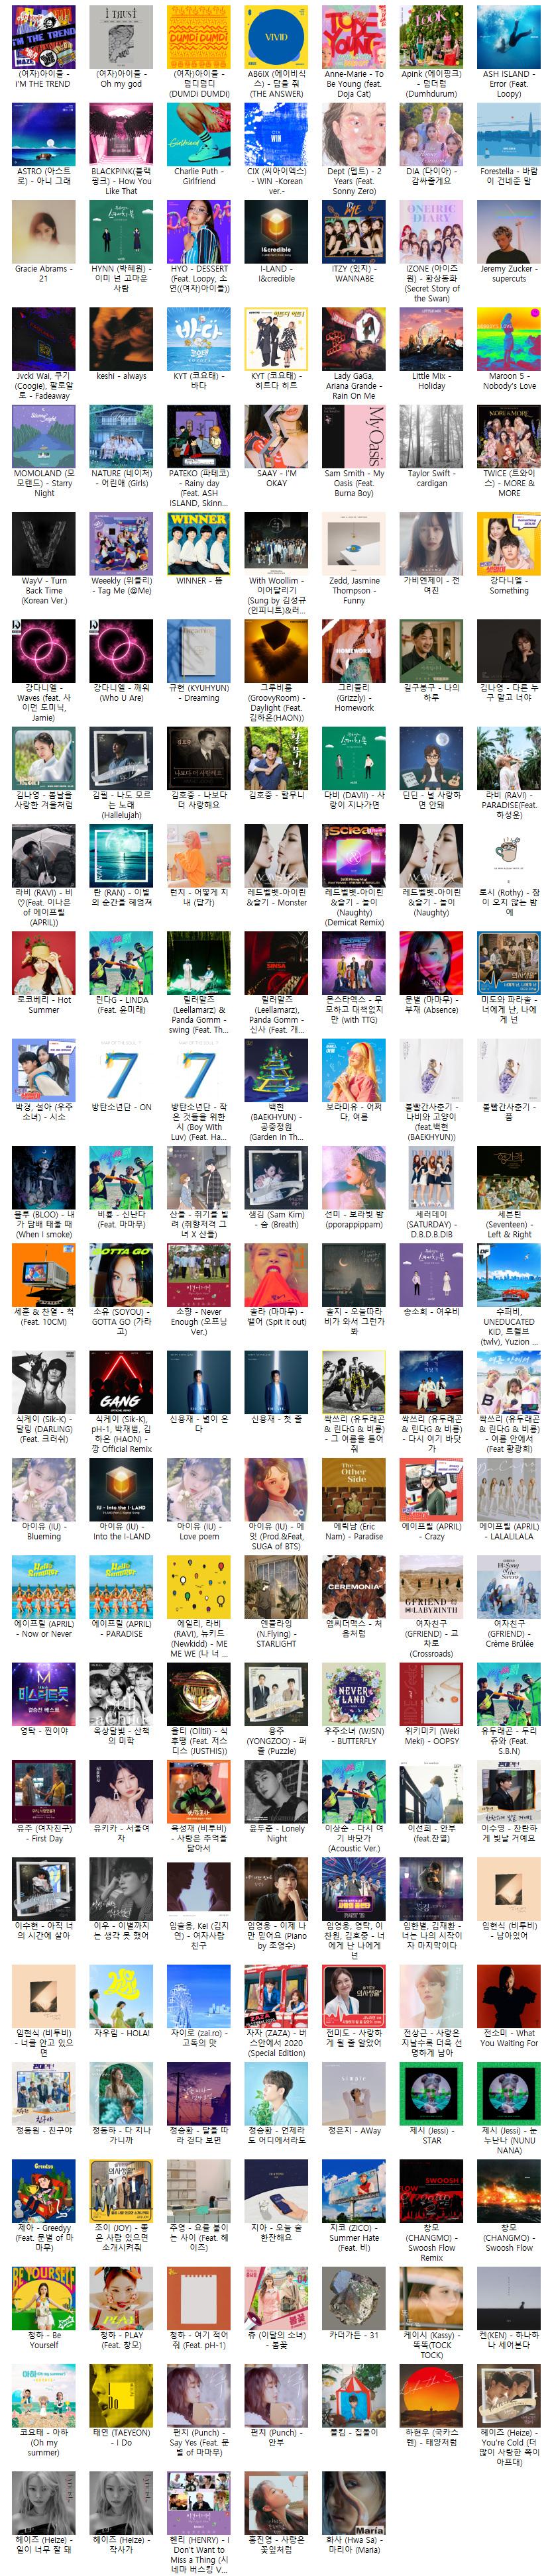 2020년 인기음원 모음 173곡 [무손실 FLAC]